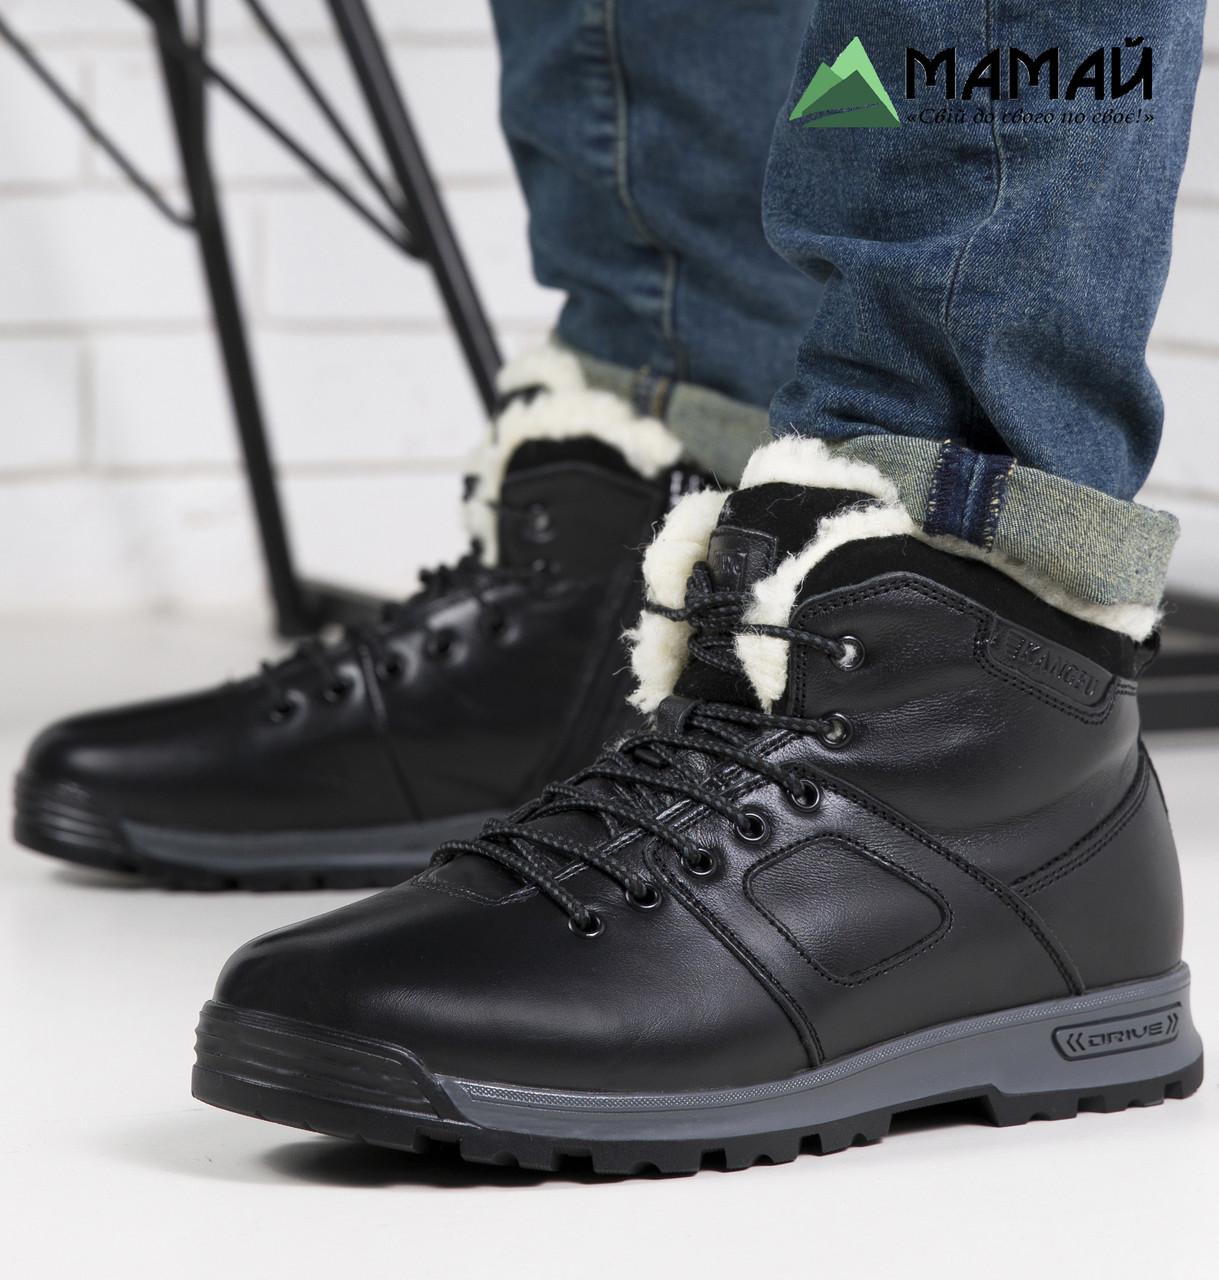 Чоловічі зимові черевики з натуральної шкіри -20 °C